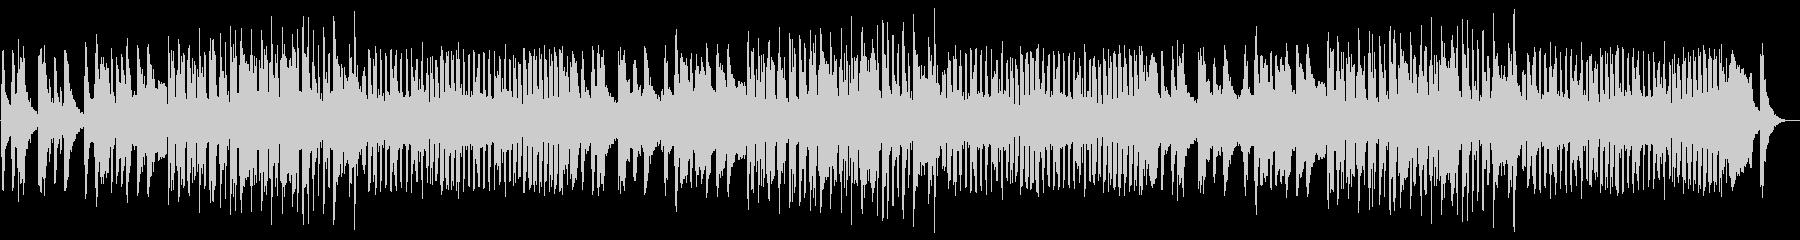 チェンバロ、フルート、ハープが特徴...の未再生の波形